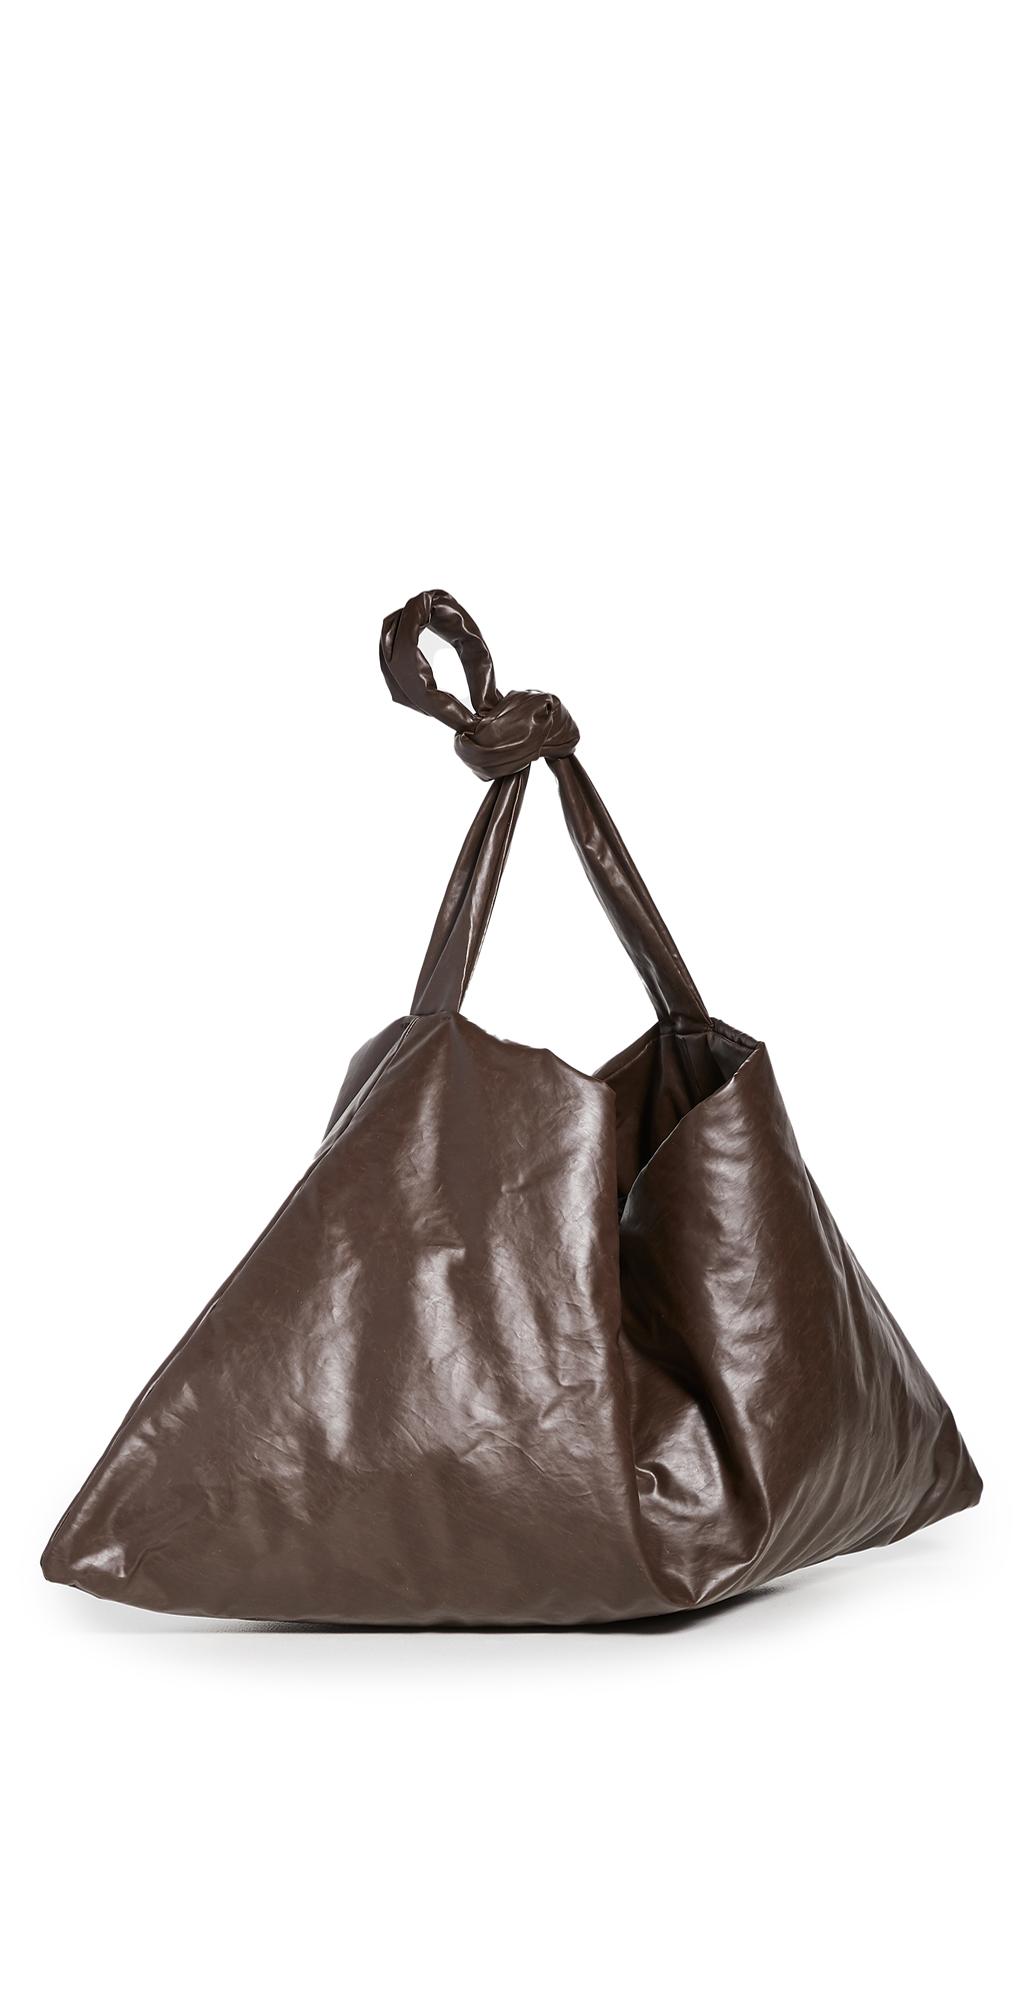 Medium Oil Square Bag